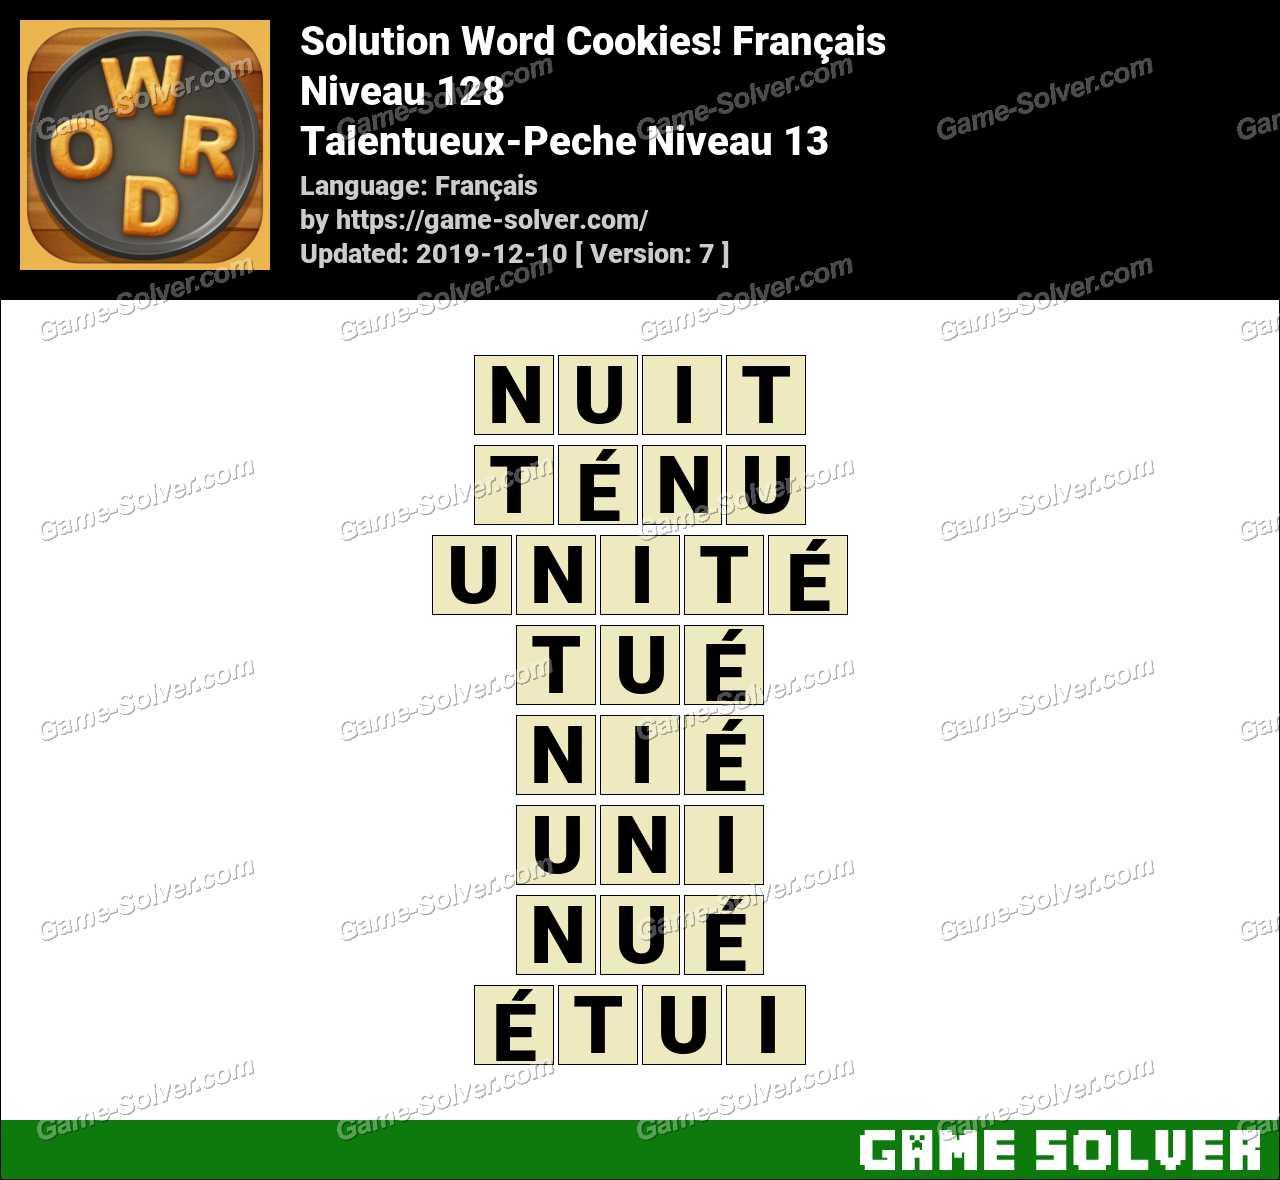 Solution Word Cookies Talentueux-Peche Niveau 13